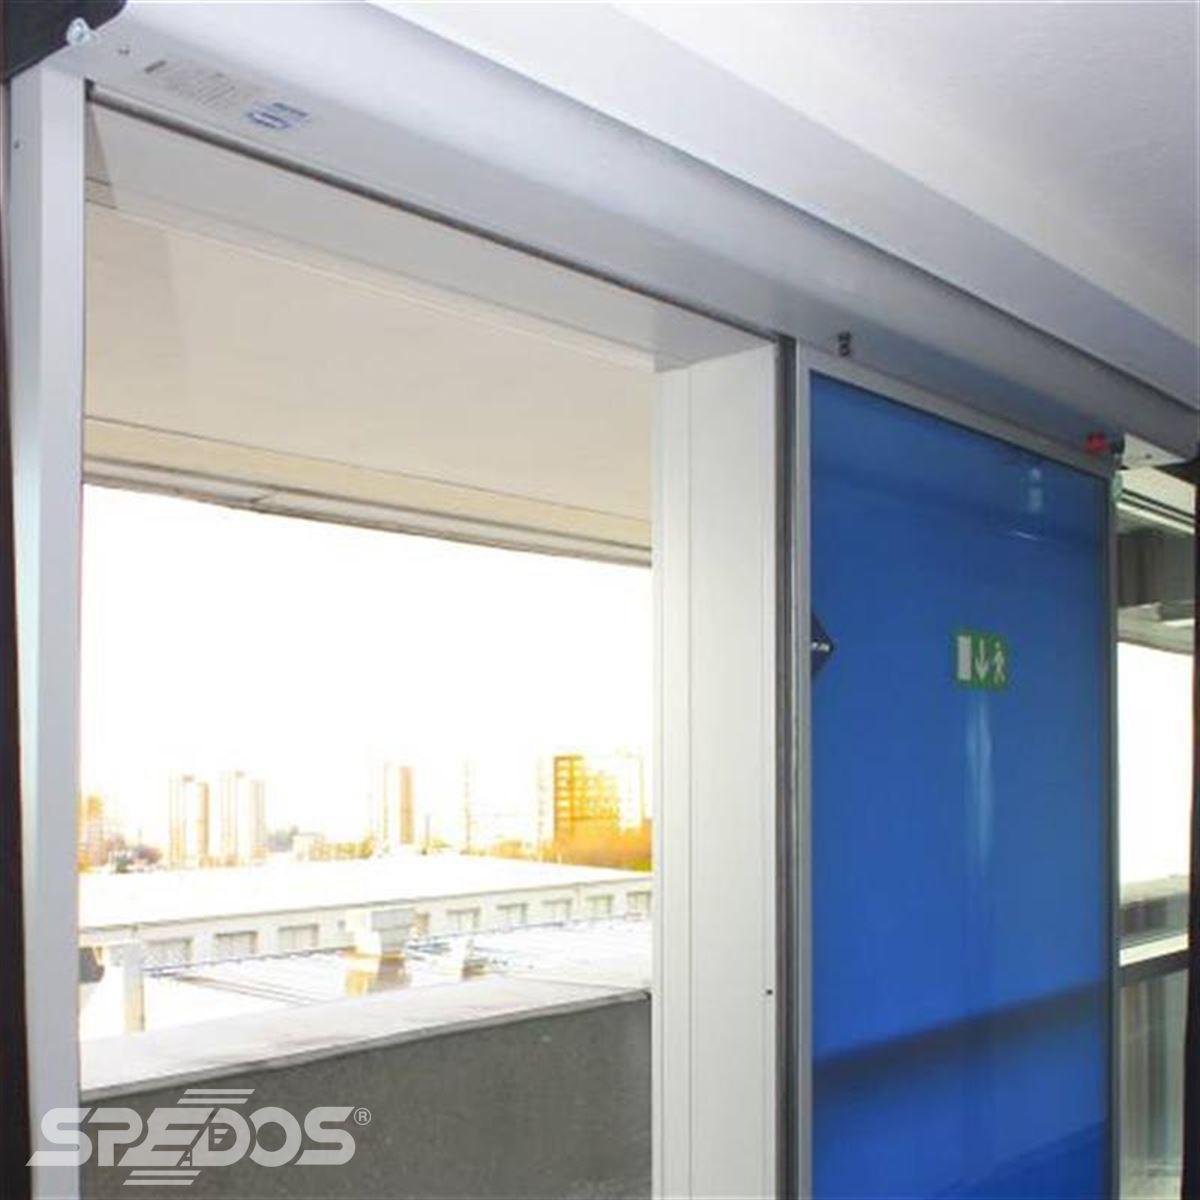 posuvné dveře Spedos s modrou fólií